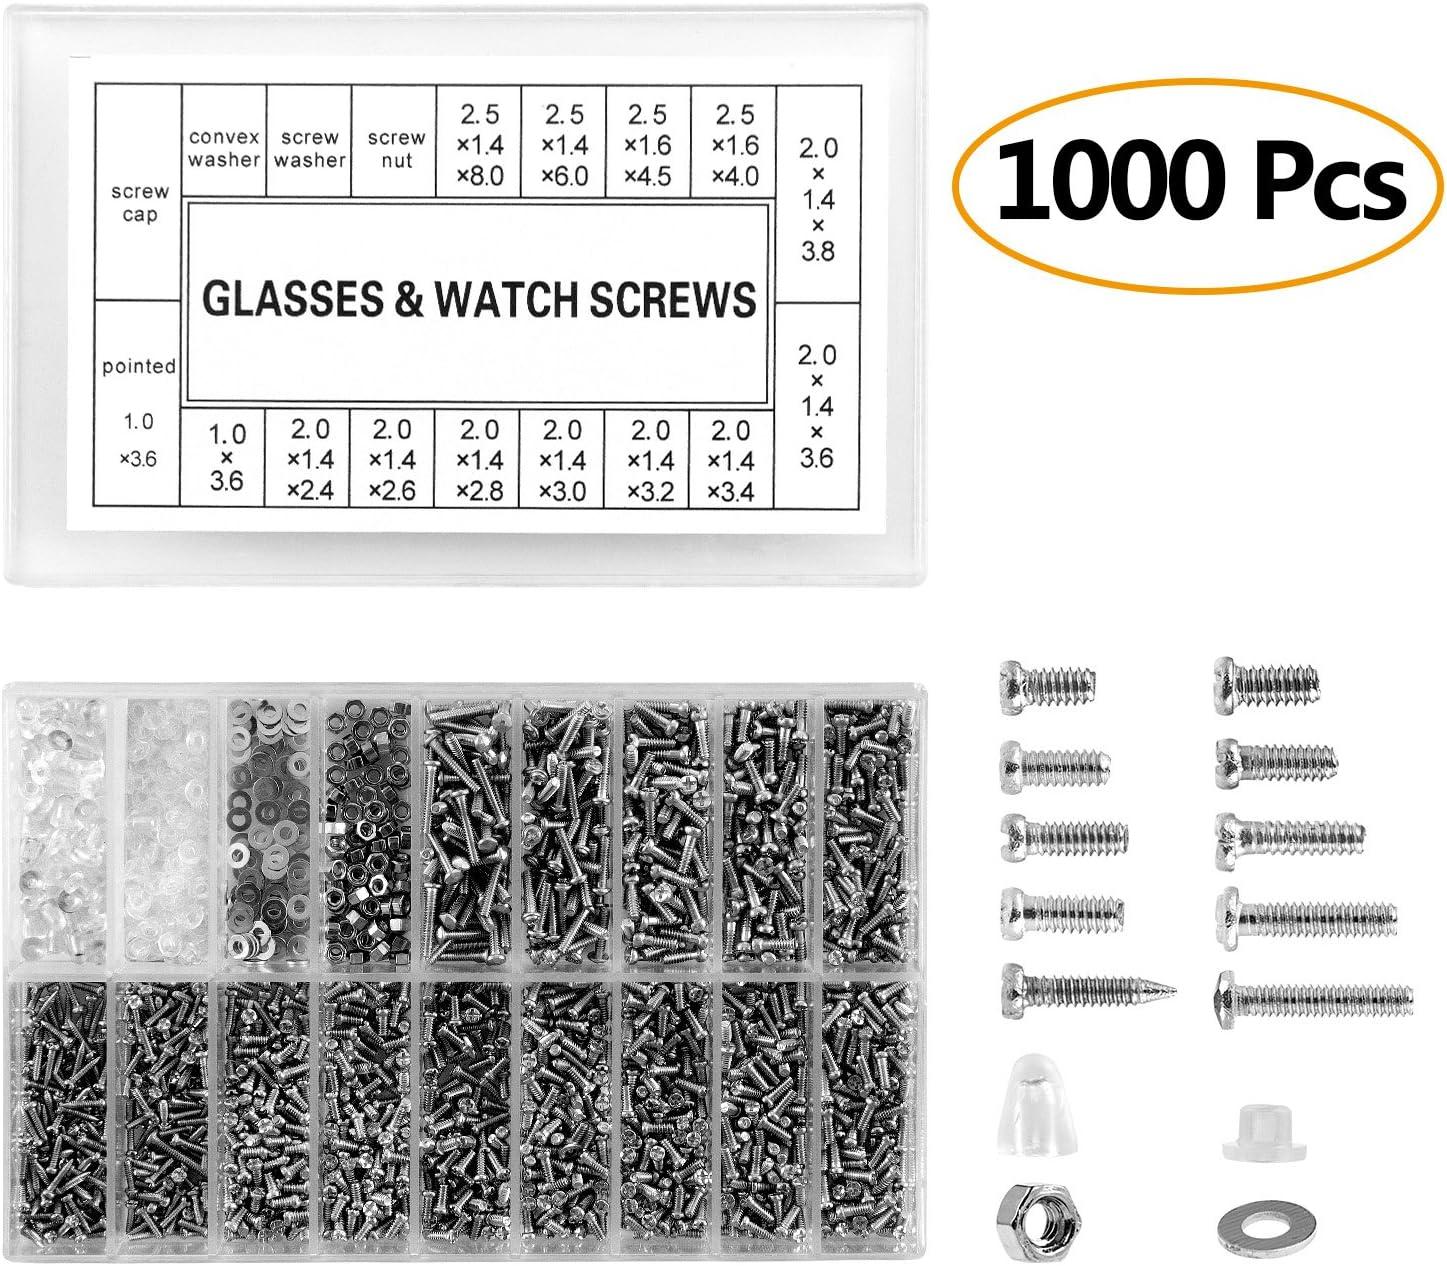 Monocles avec Tournevis 1000 Pcs Vis en Acier Inoxydable avec Tournevis Kit de R/éparation pour Montres Lunettes de Soleil ZOEON Vis de Lunettes